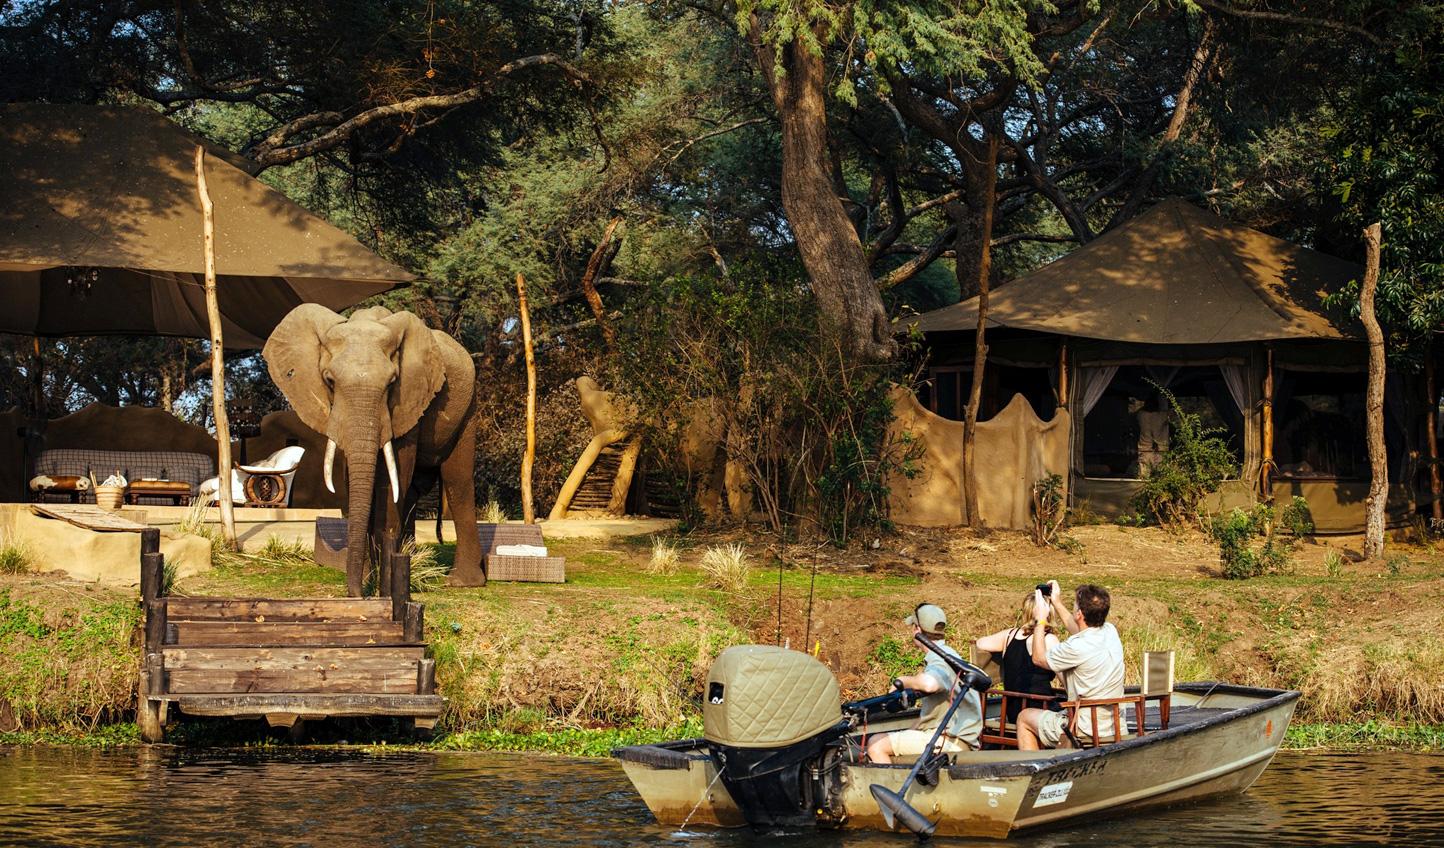 See elephants up close at Chongwe Camp